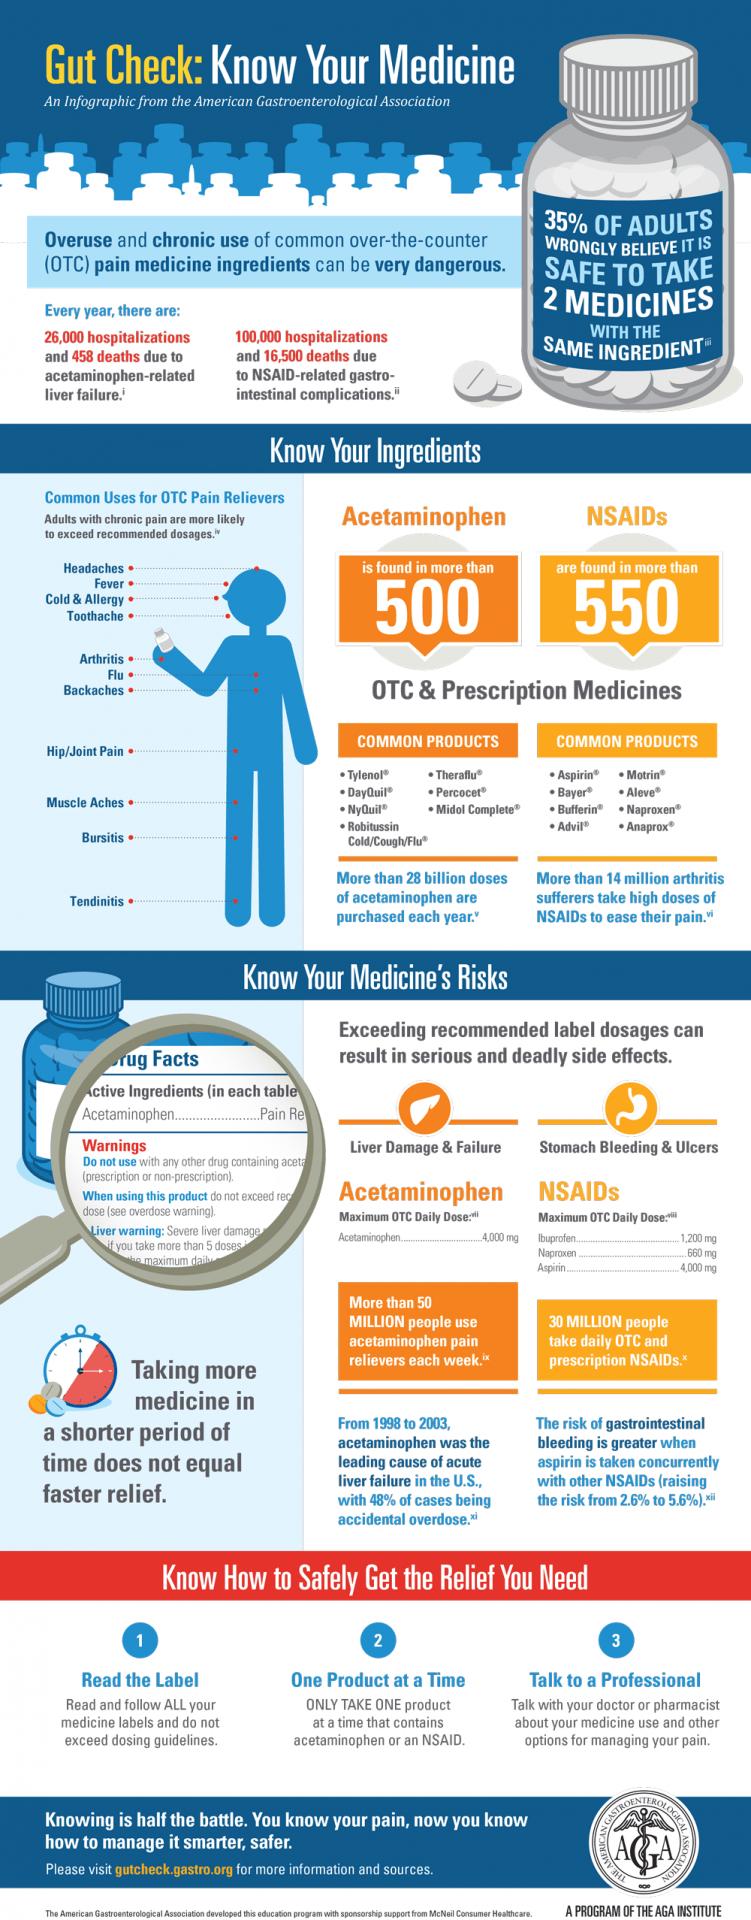 GYMR Medicine Infographic Design